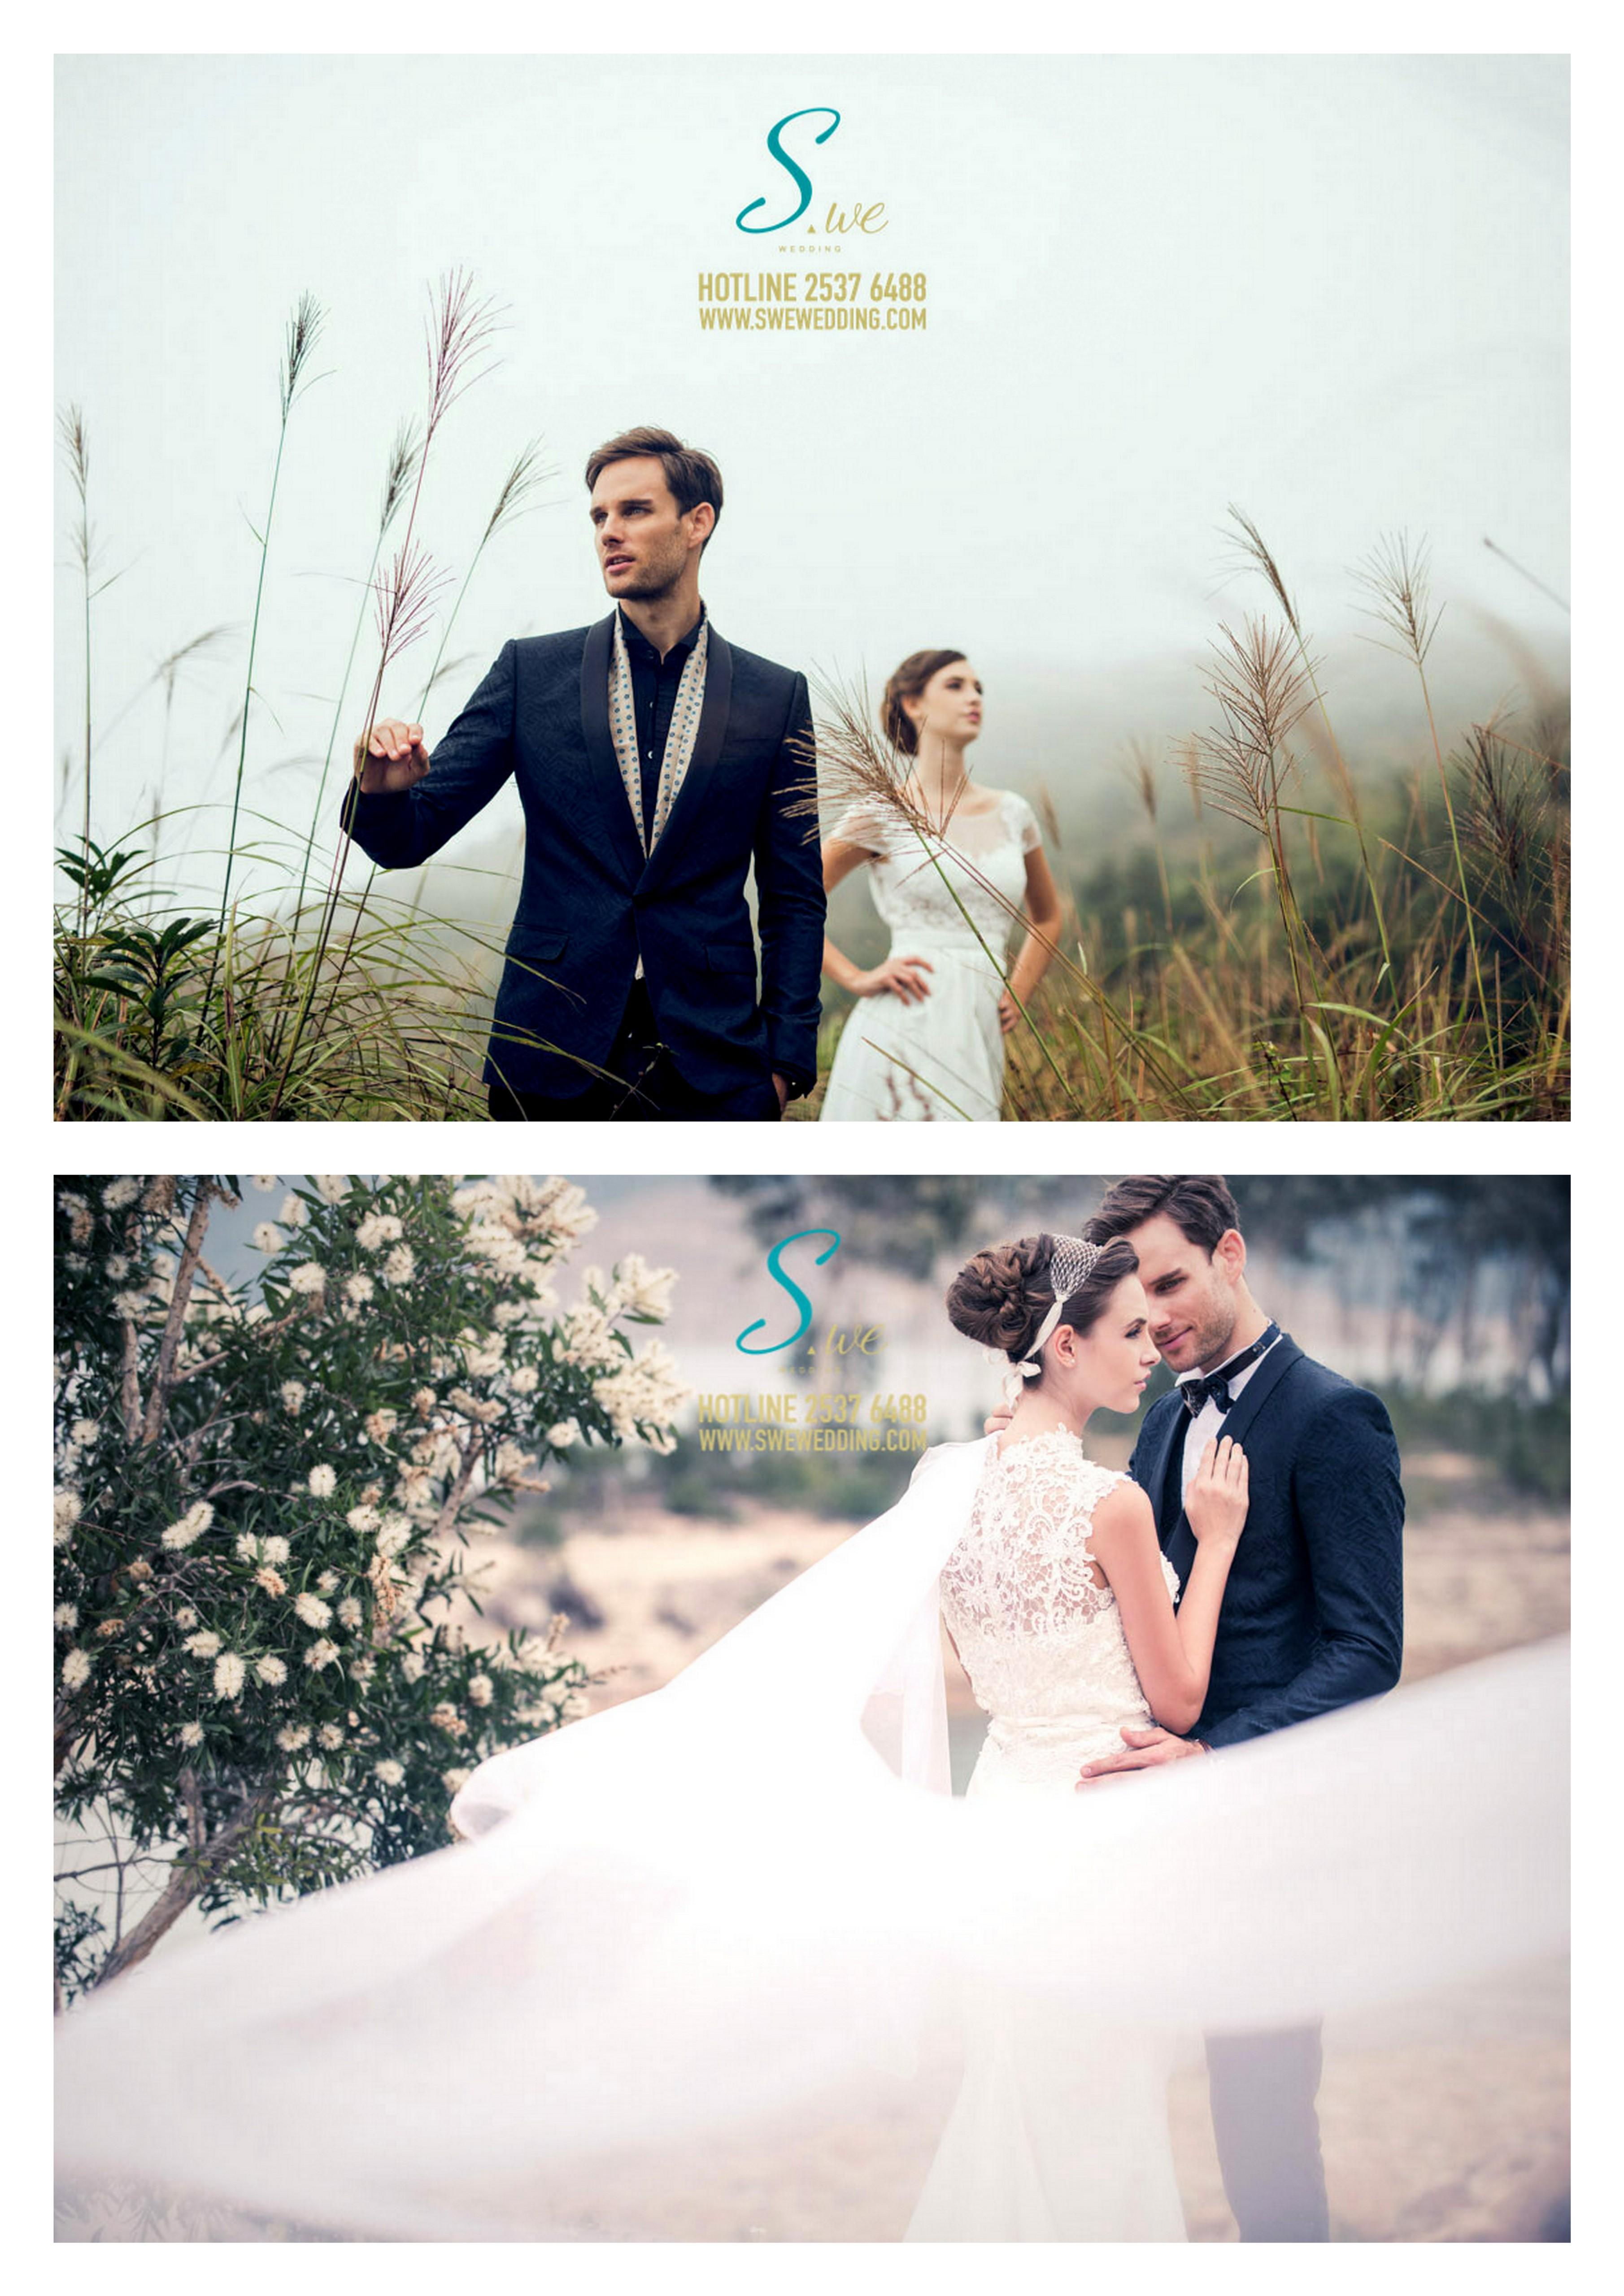 SWE wedding